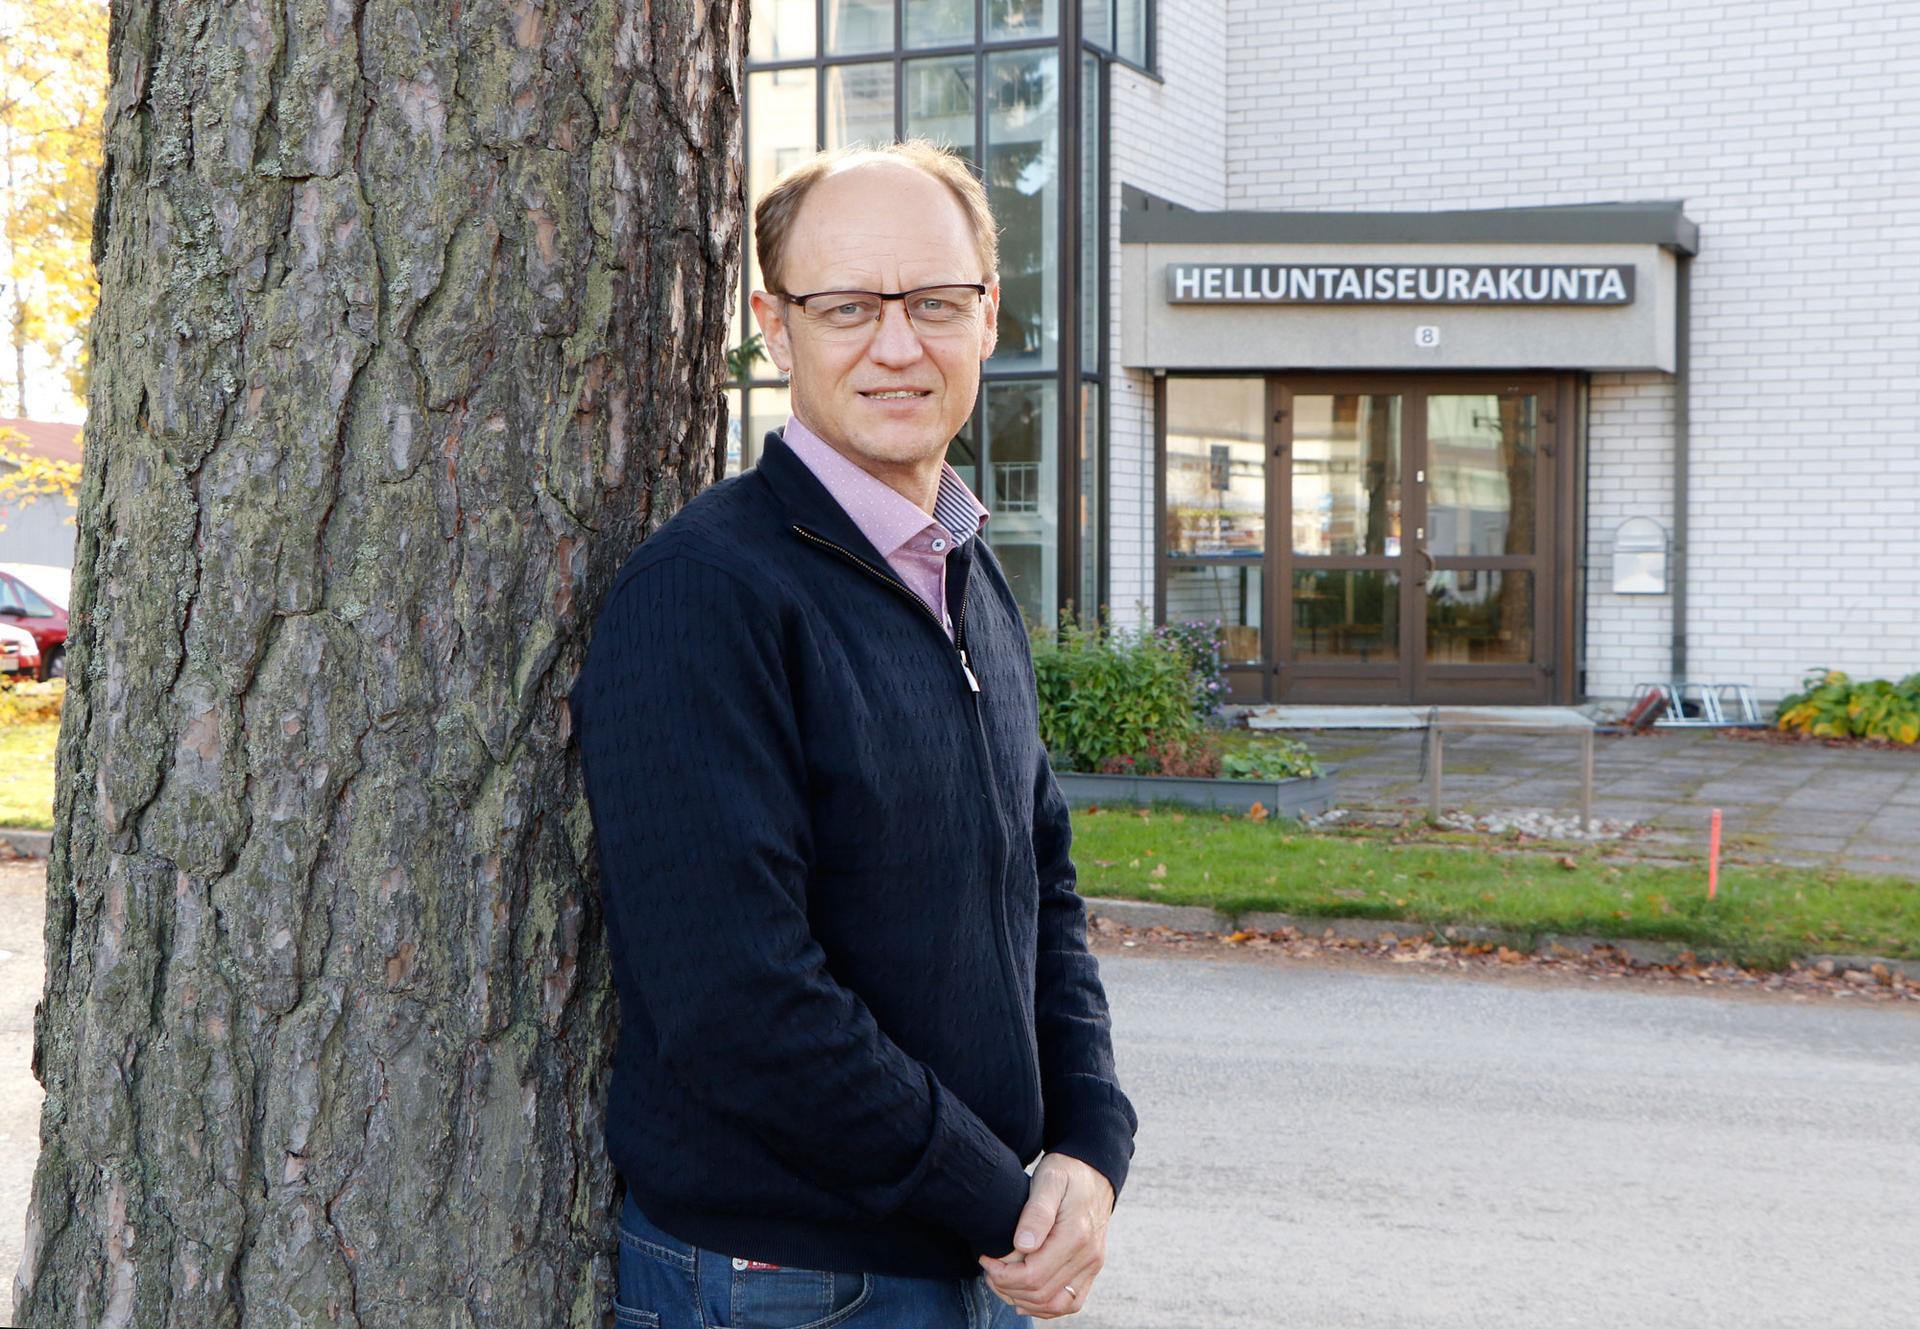 Mika Rantanen aloitti työnsä Kangasalan helluntaiseurakunnan pastorina pari kuukautta sitten. Korona vauhditti uuden tekniikan käyttöönottoa: nyt seurakunnan sunnuntaitilaisuuksia voi striimauksen ansiosta seurata verkossa.